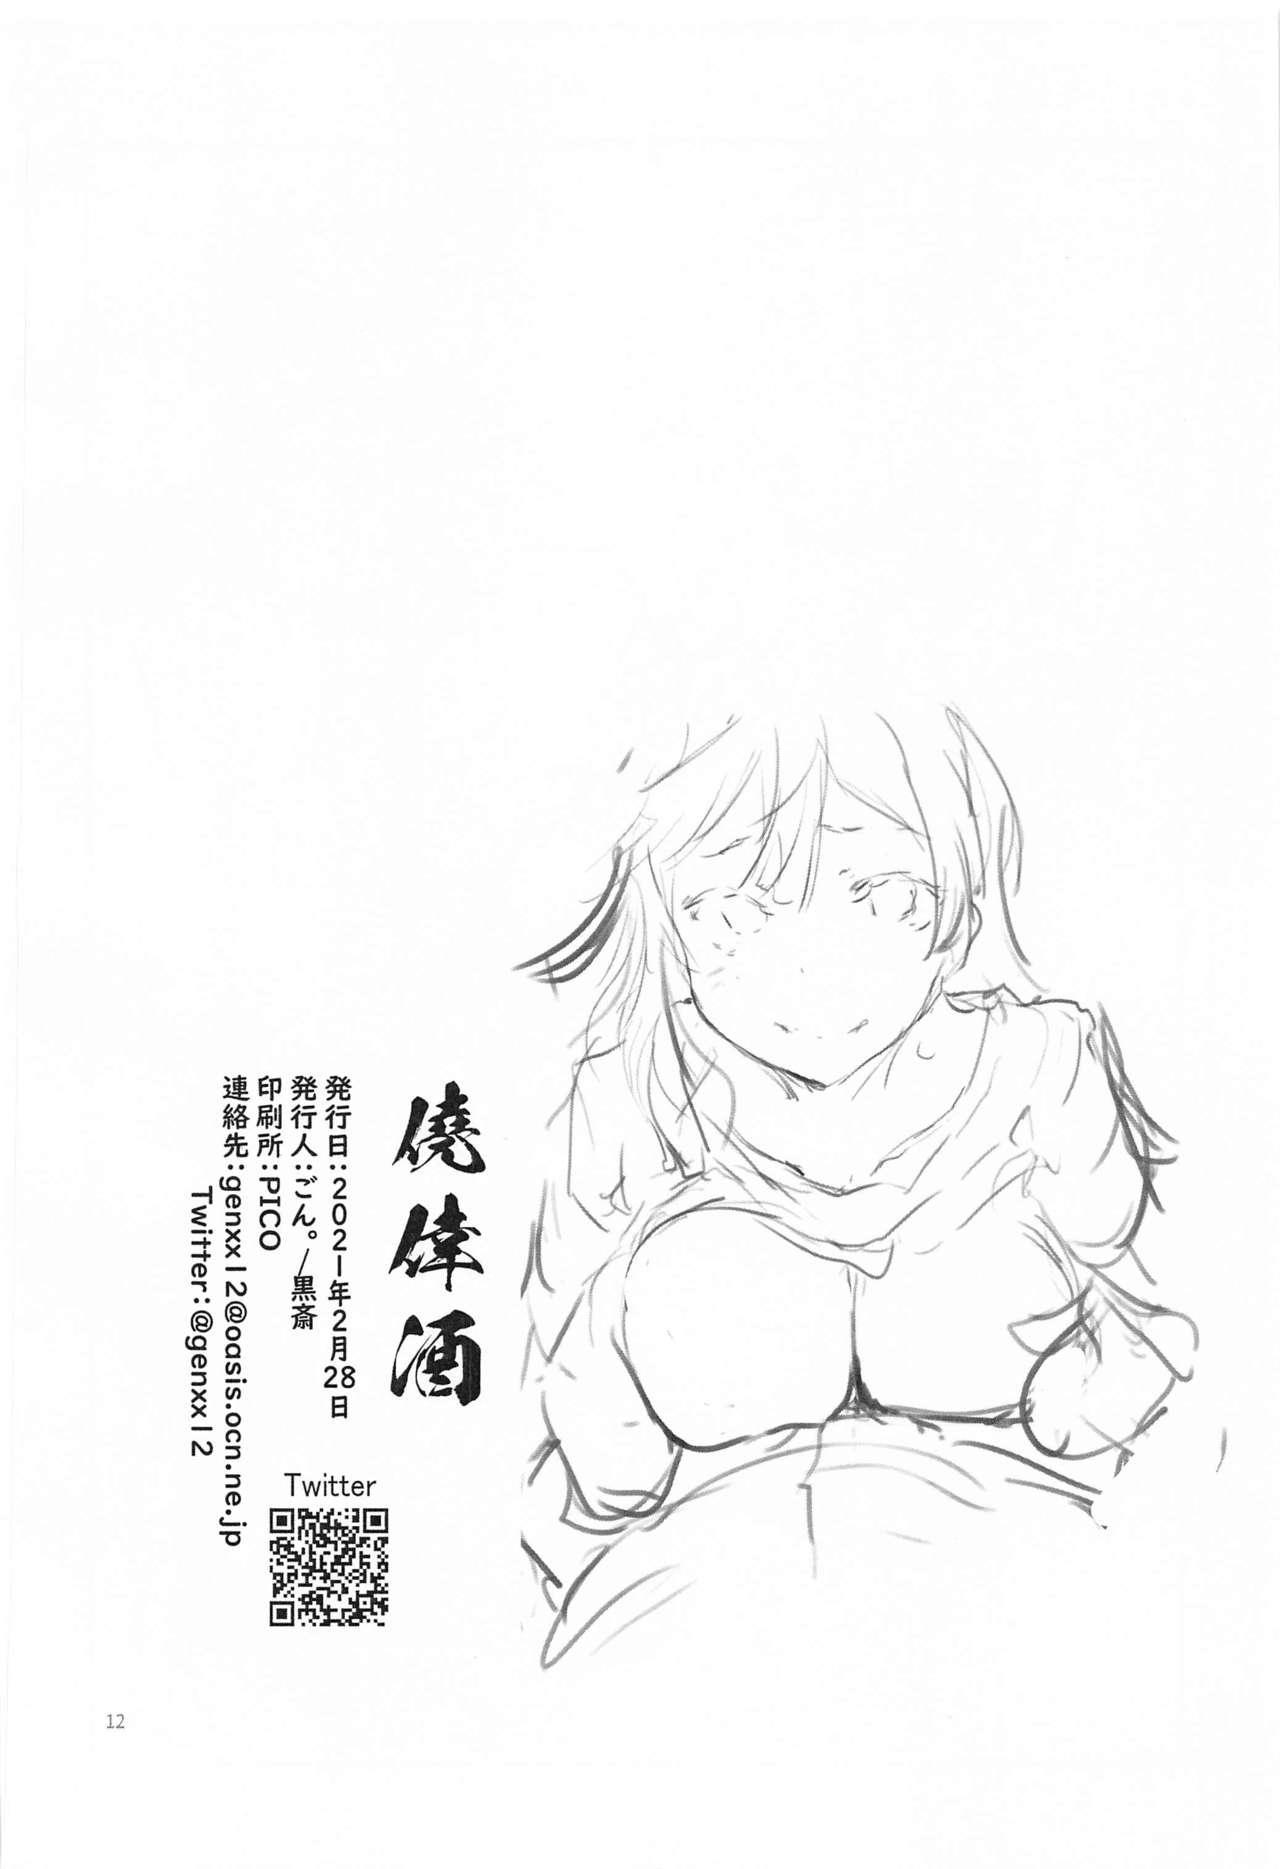 Setsuna no daisuki na koto. 12